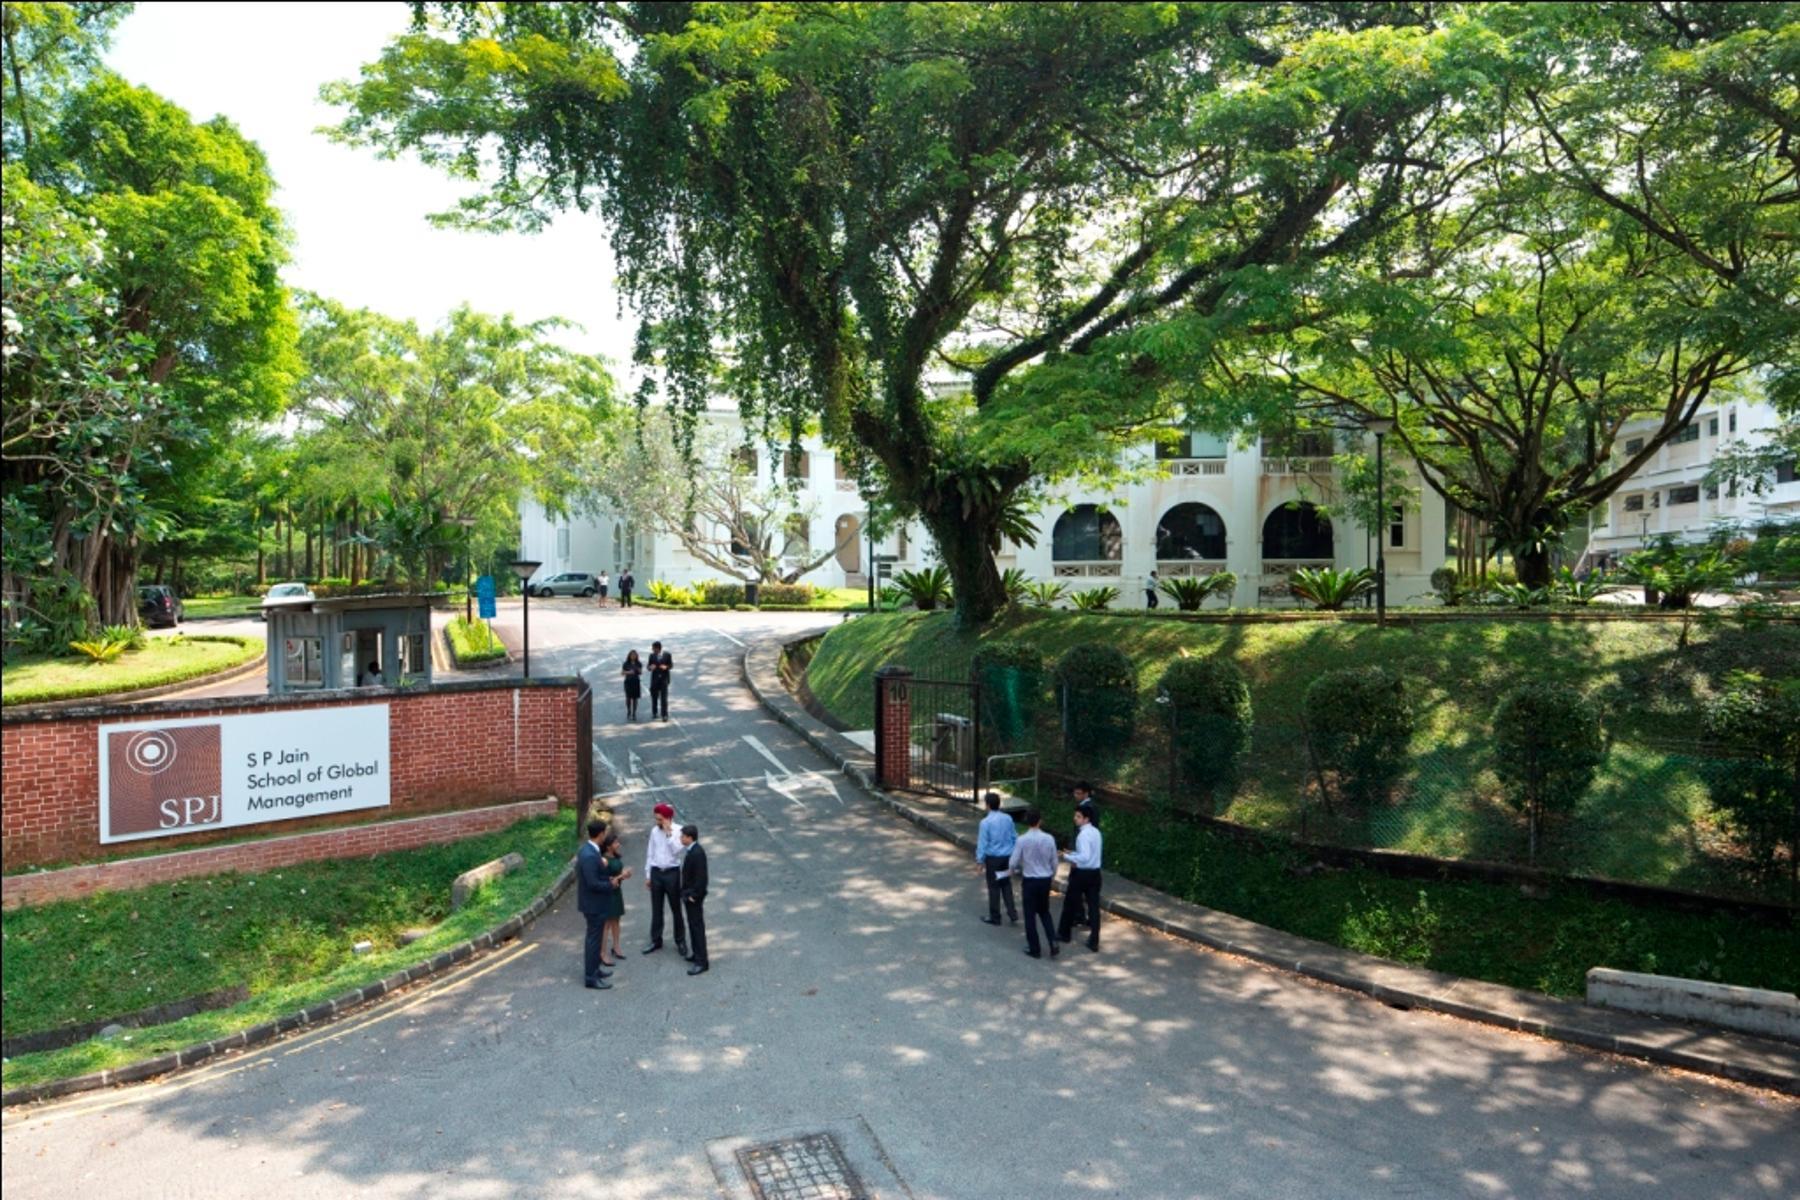 Khu học xá của S P Jain tại Singapore